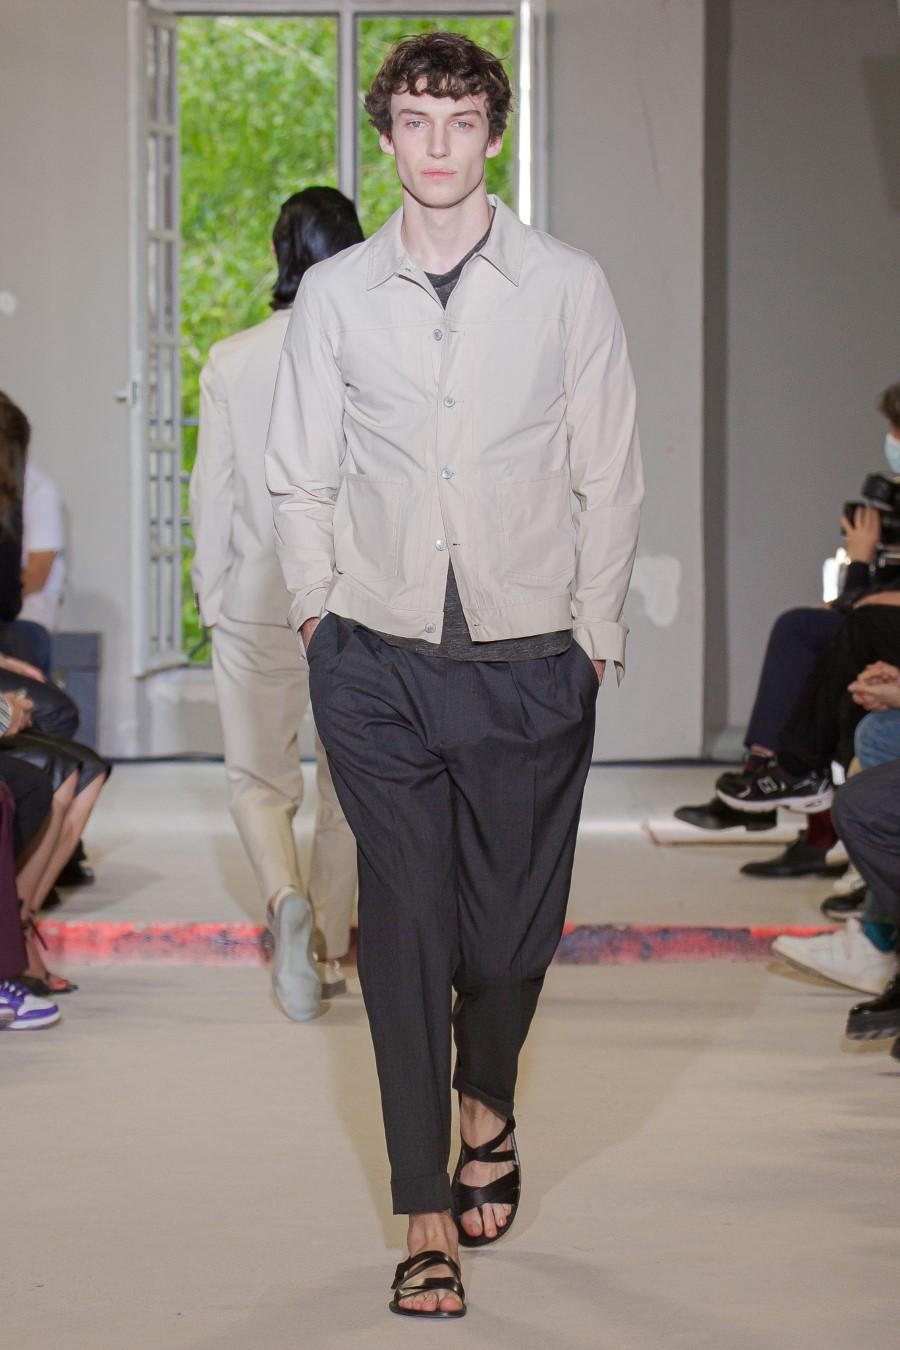 Officine Générale Spring Summer 2022 - Paris Fashion Week Men's